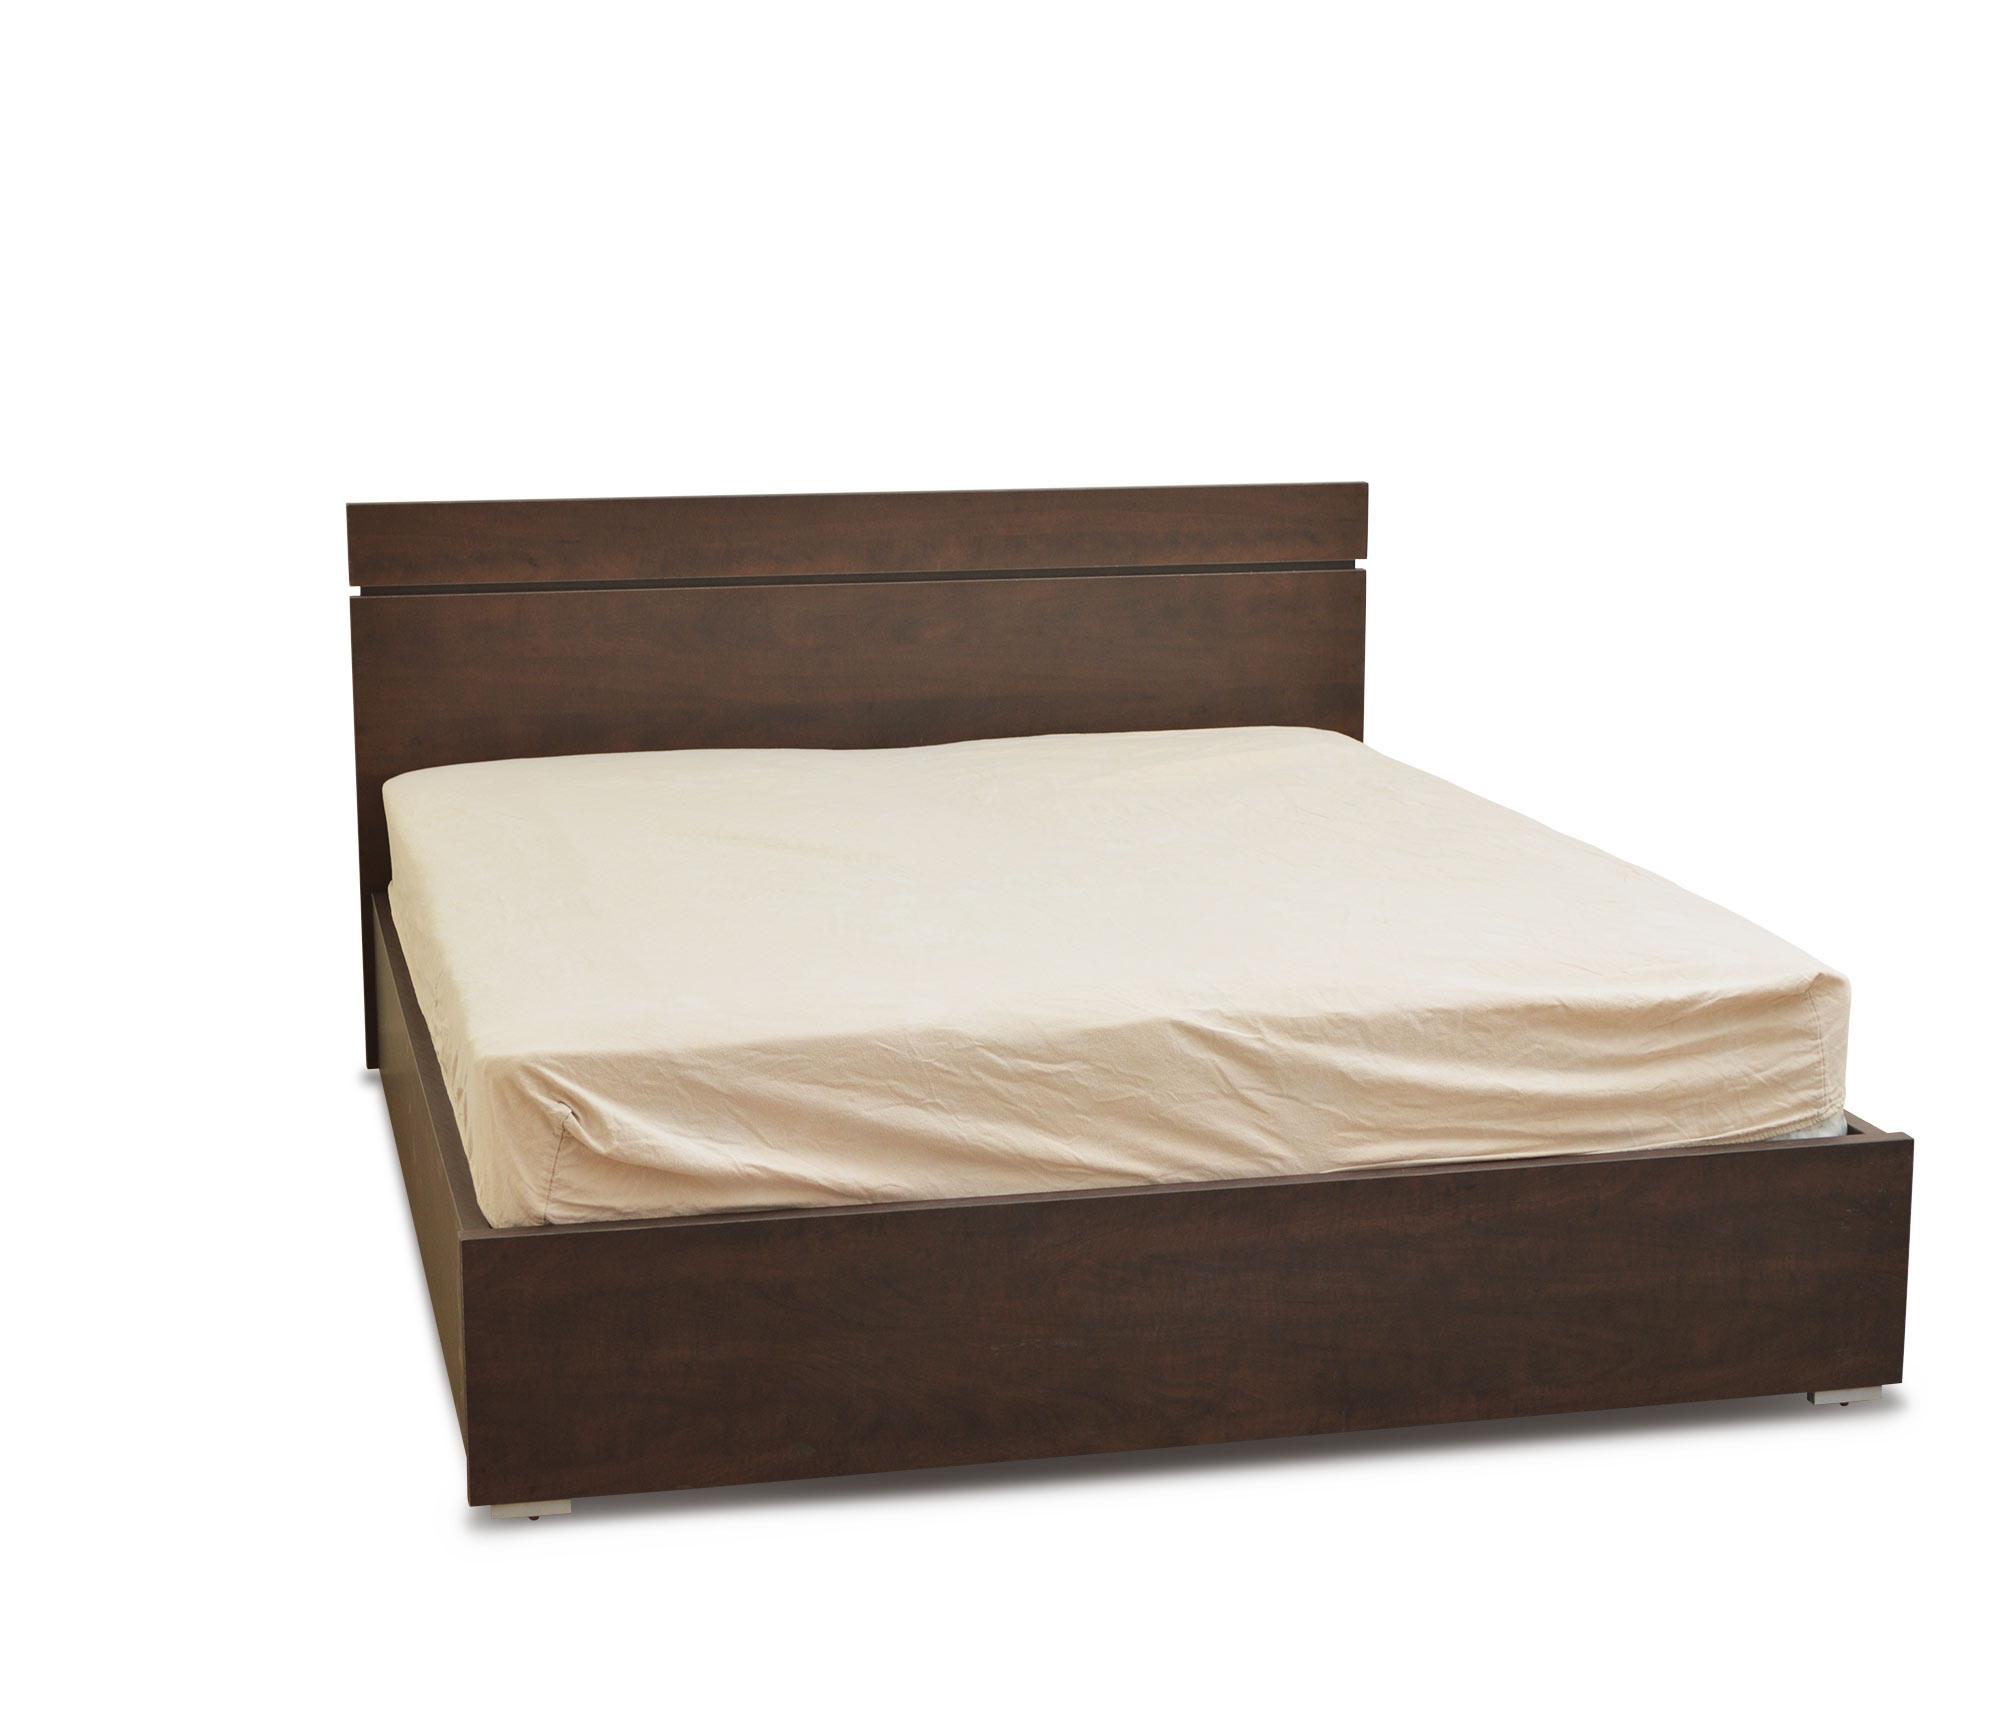 מיטה זוגית עם ארגז מצעים דגם סנדי